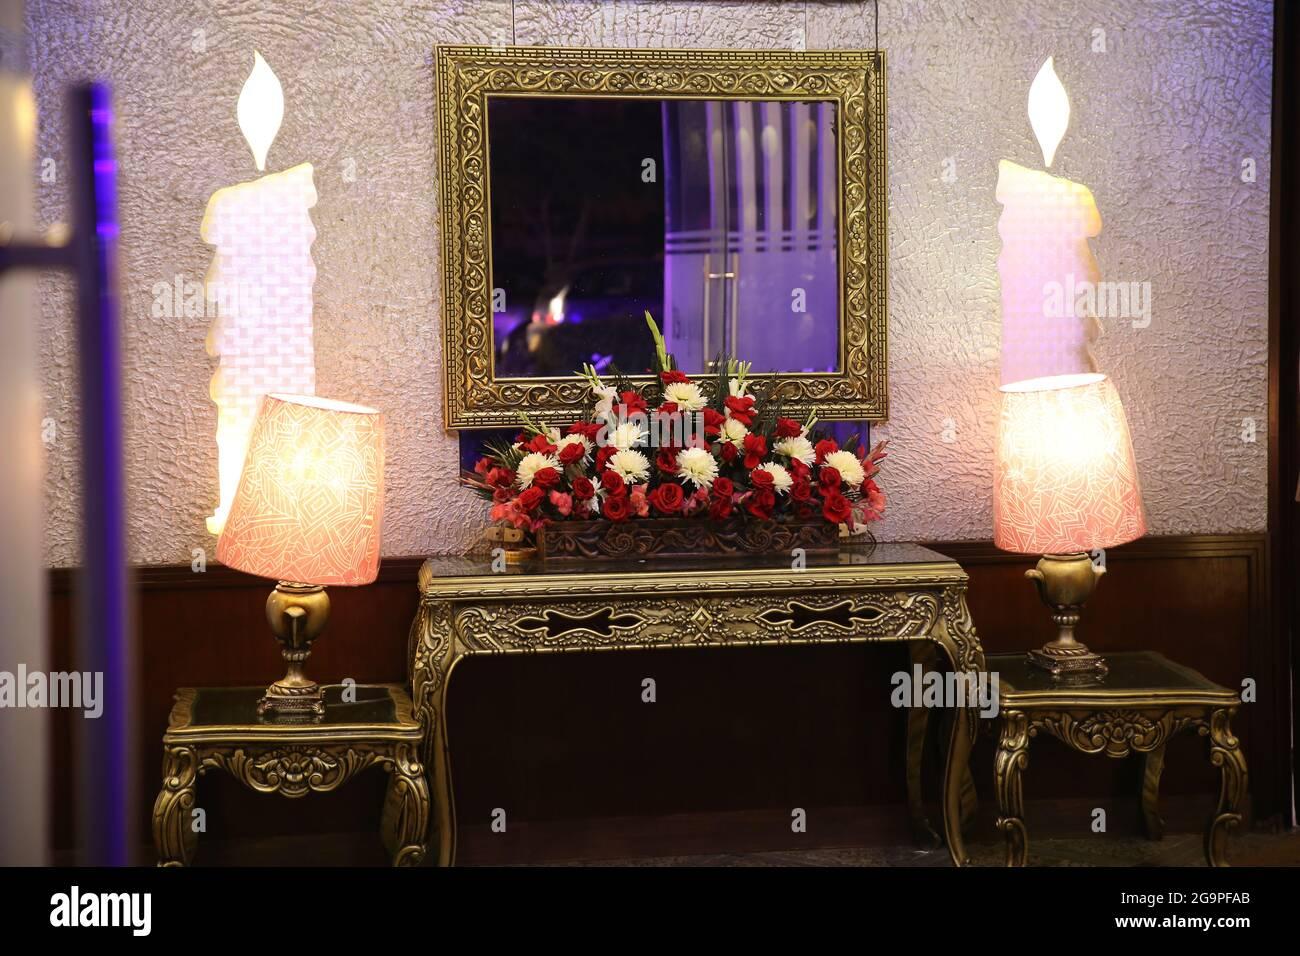 Kerzenlampen Stockfotos und  bilder Kaufen   Alamy